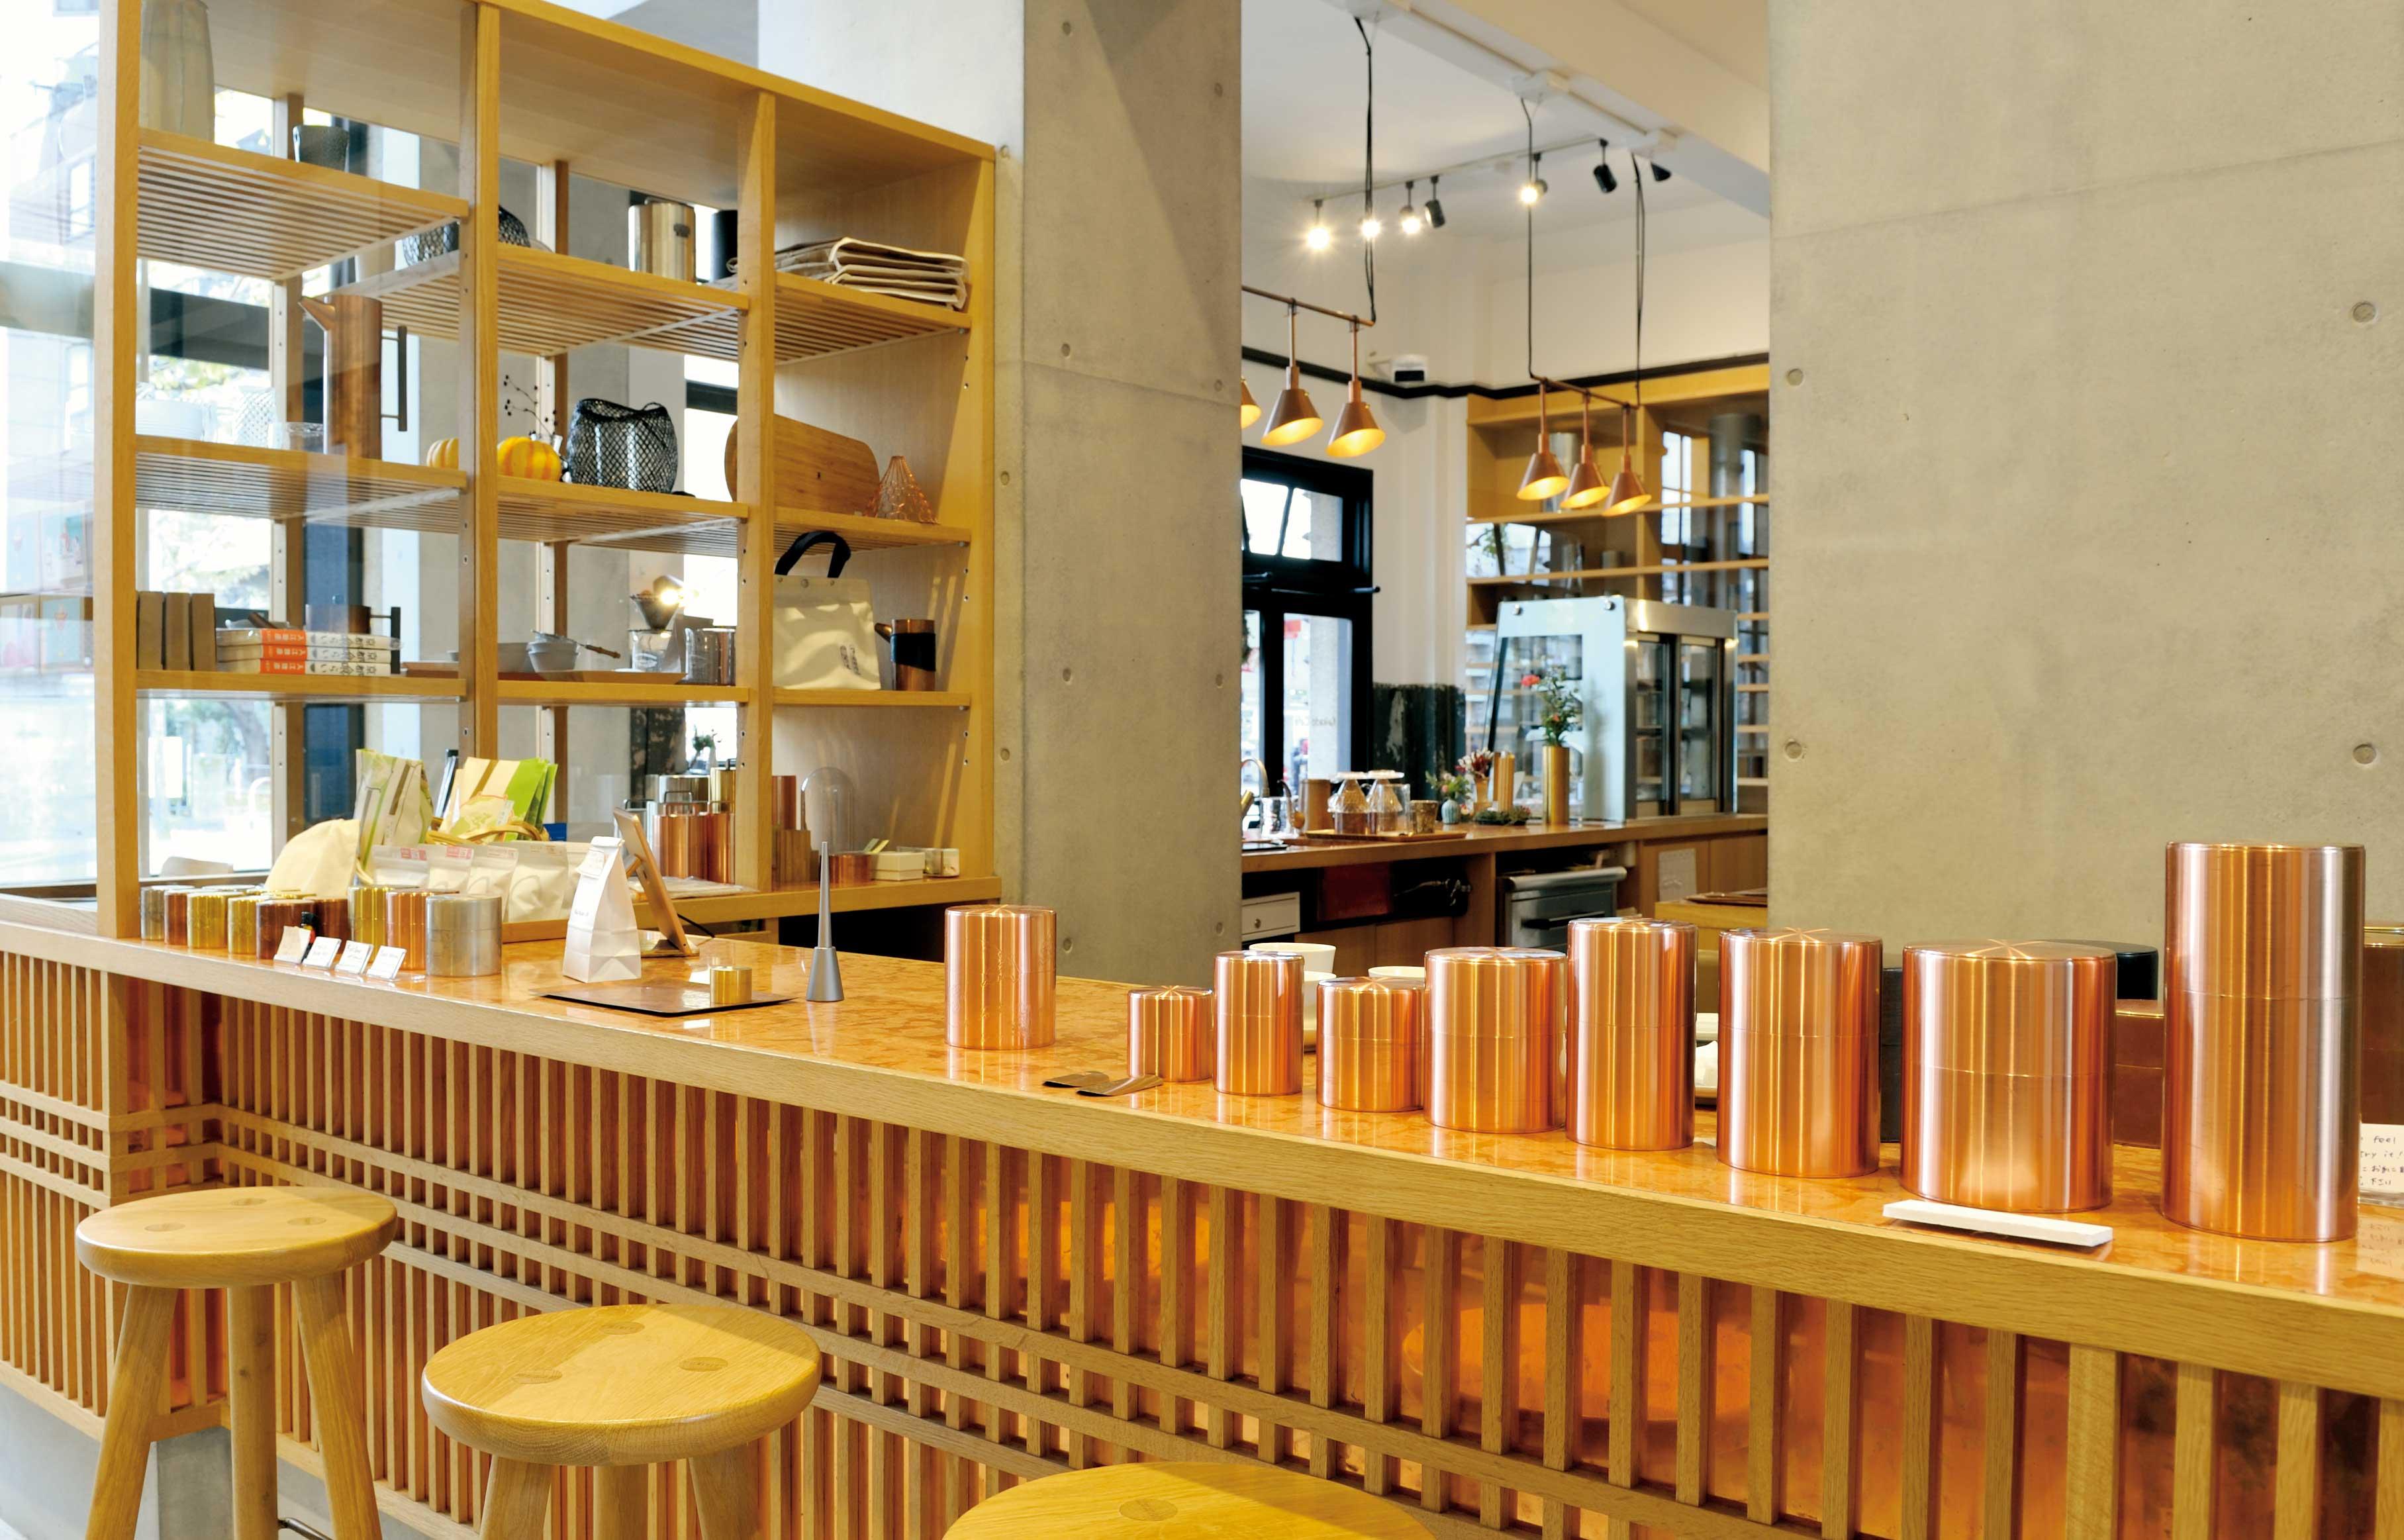 Kaikado Cafeの店内